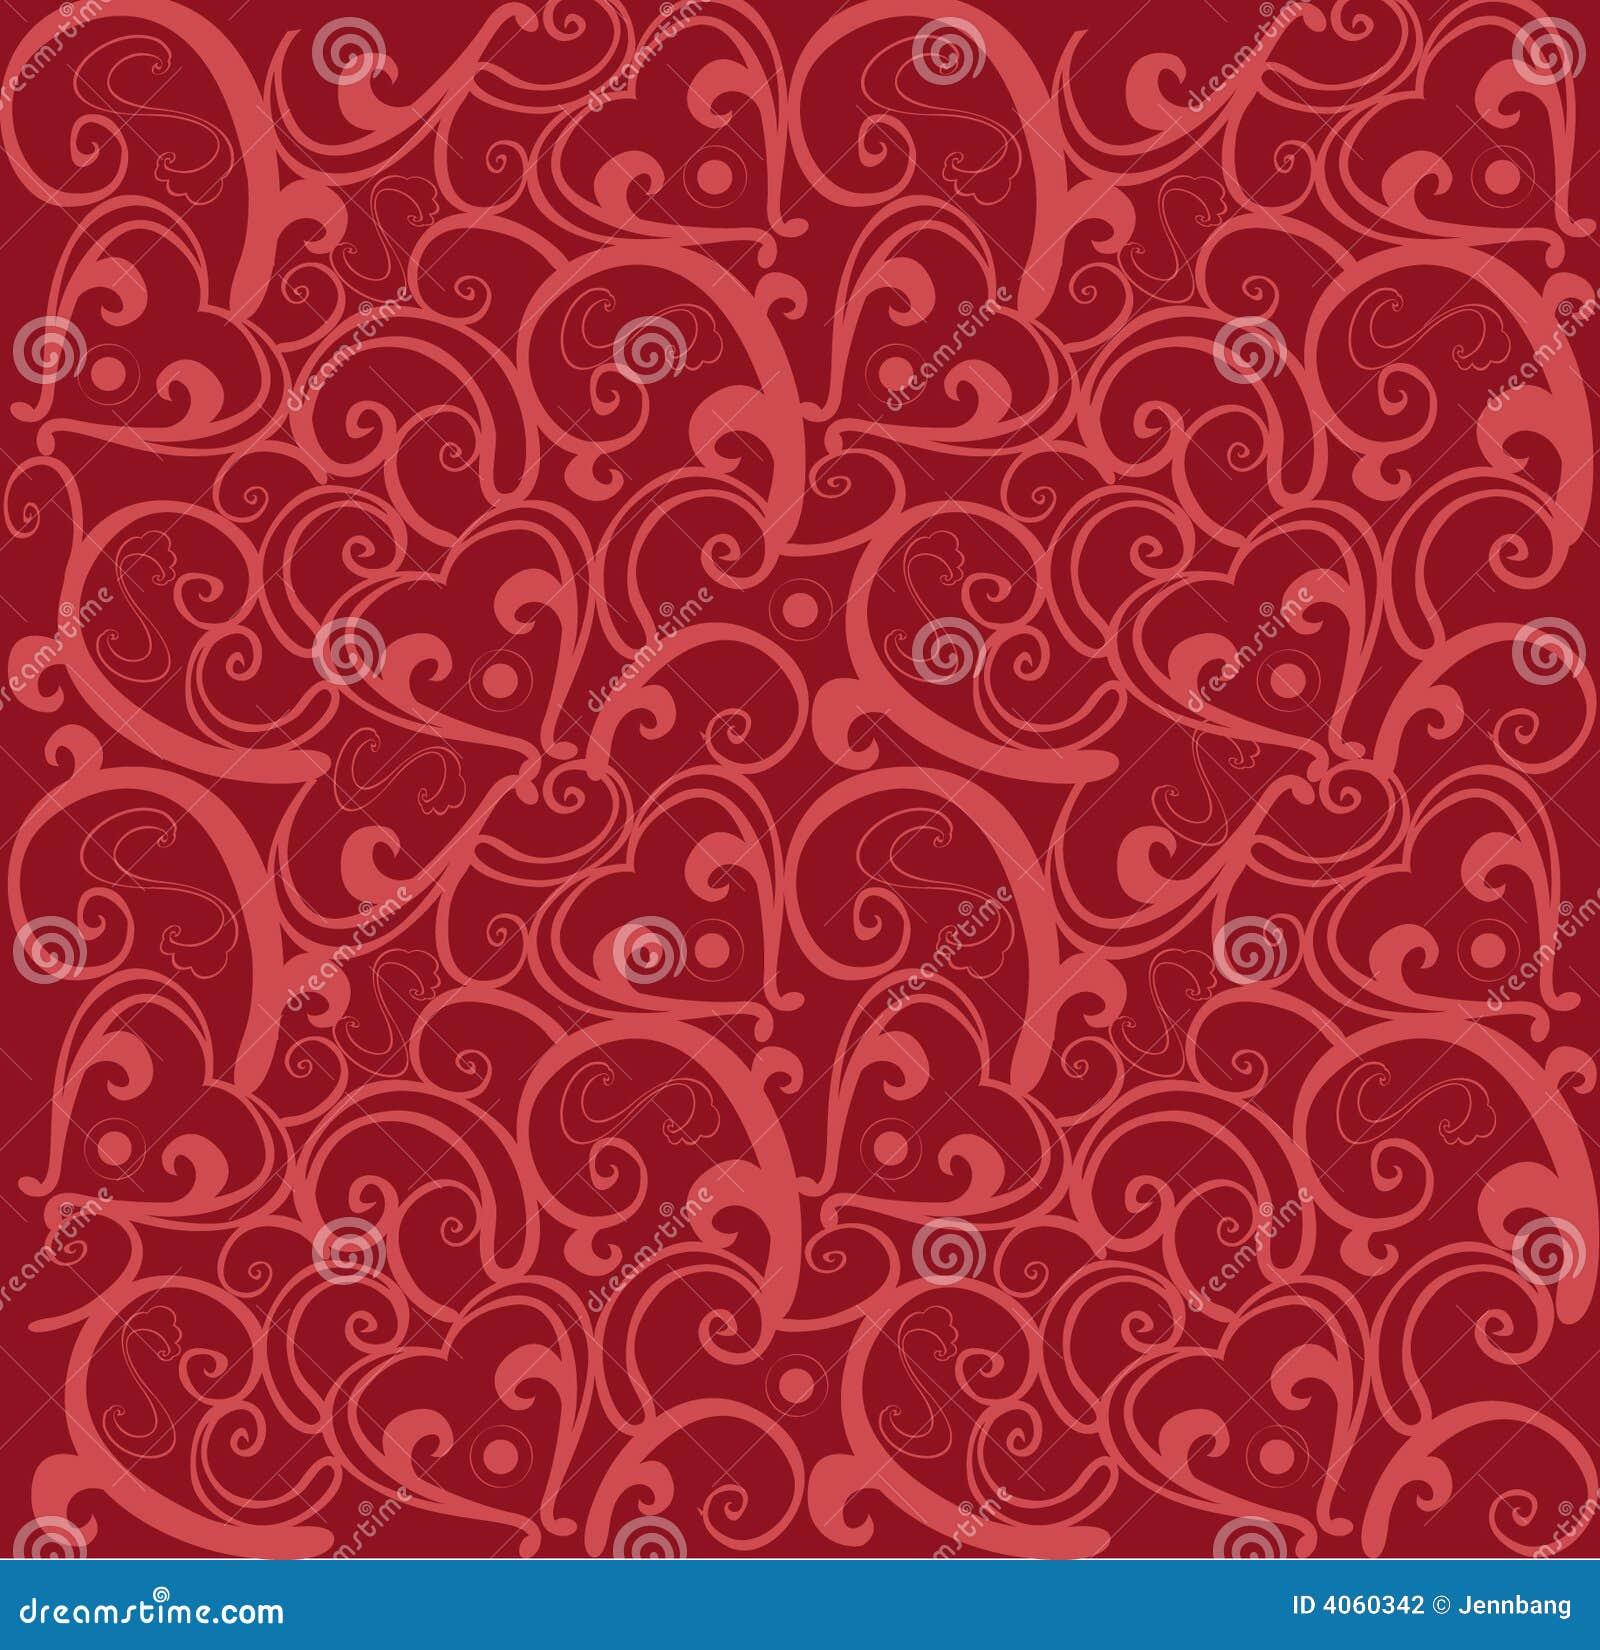 Valentine love pattern